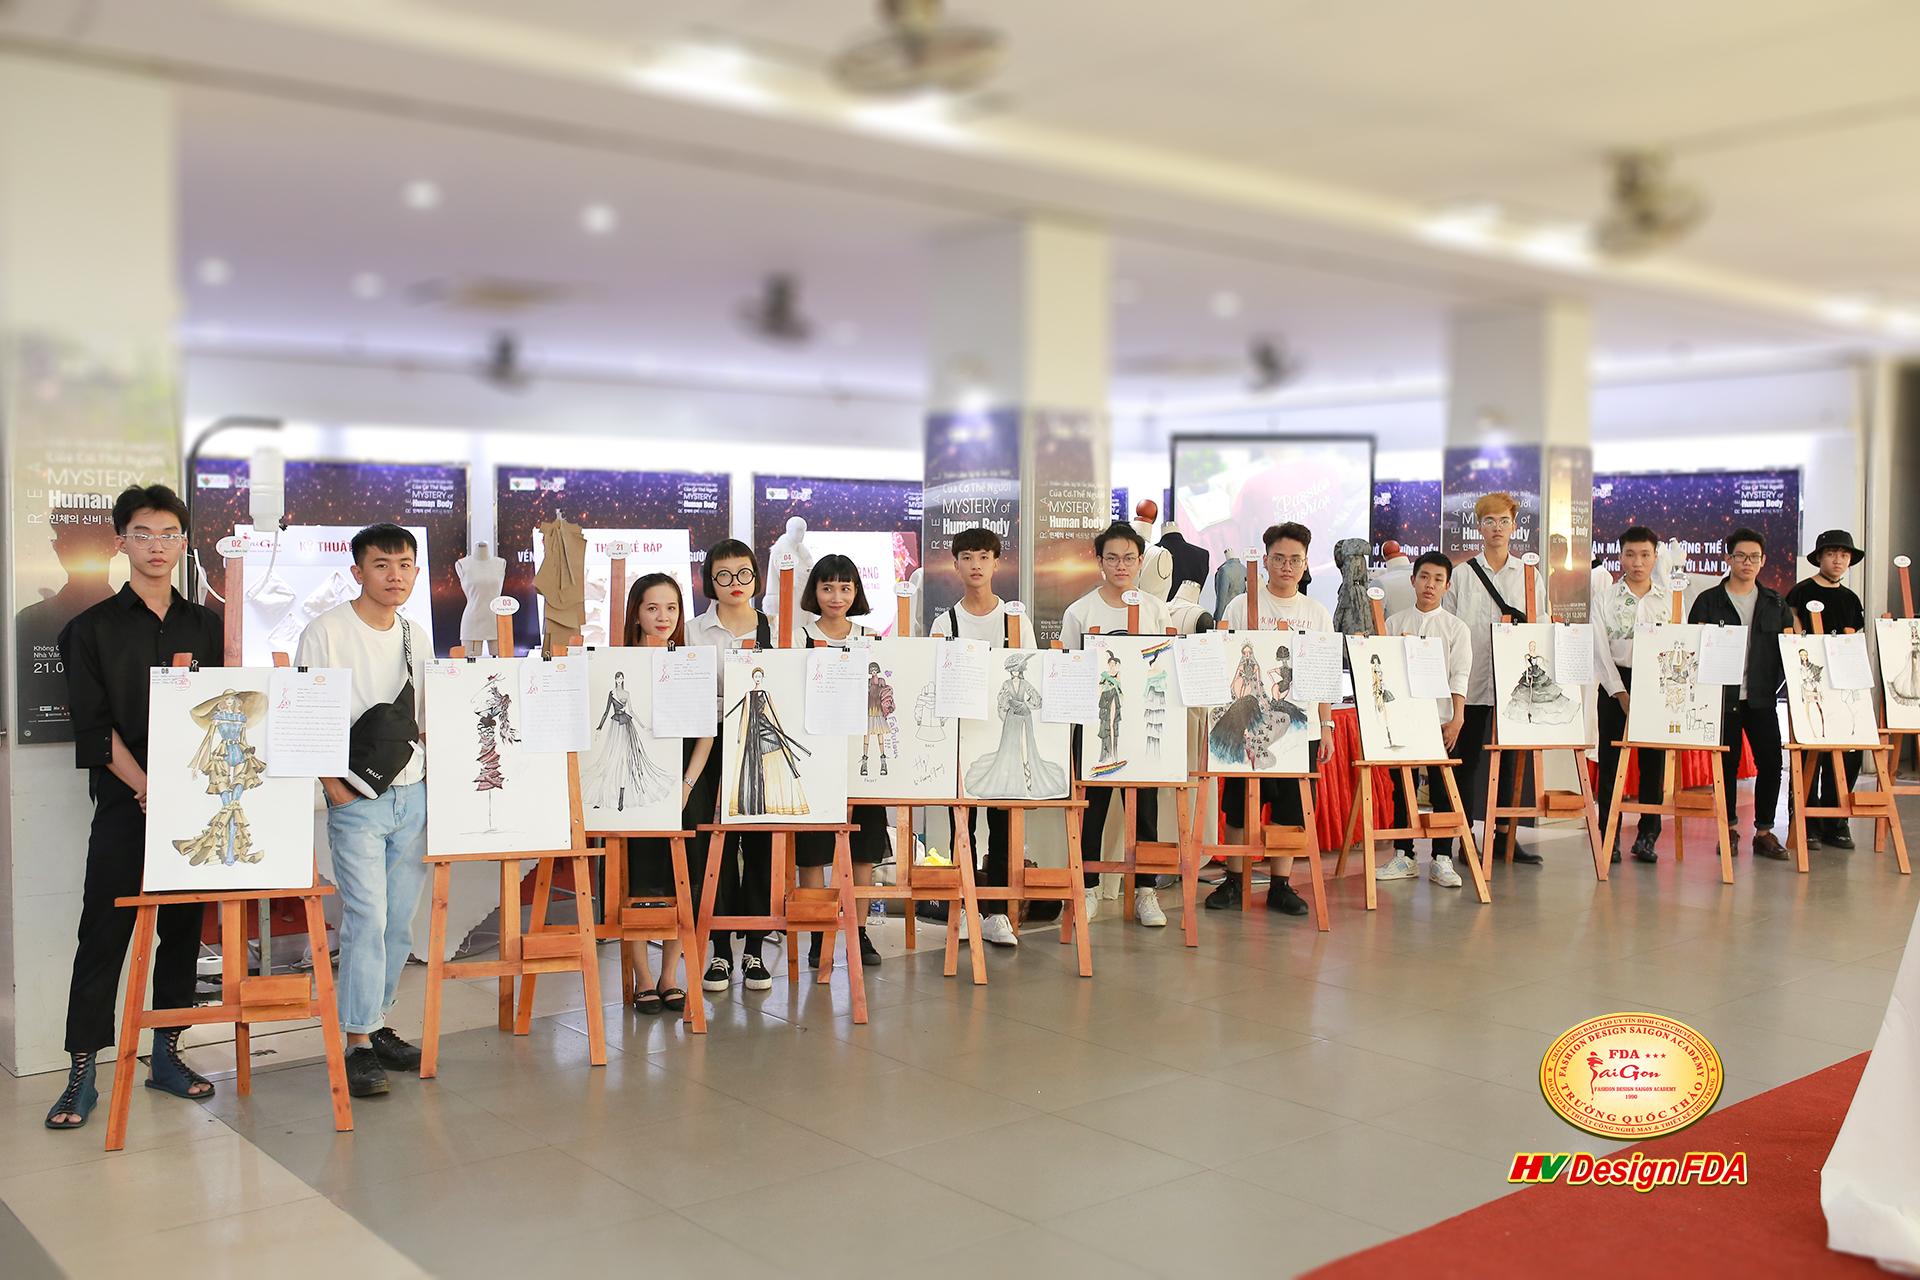 Nhà Văn Hóa Thanh Niên Thành Phố Hồ Chí Minh